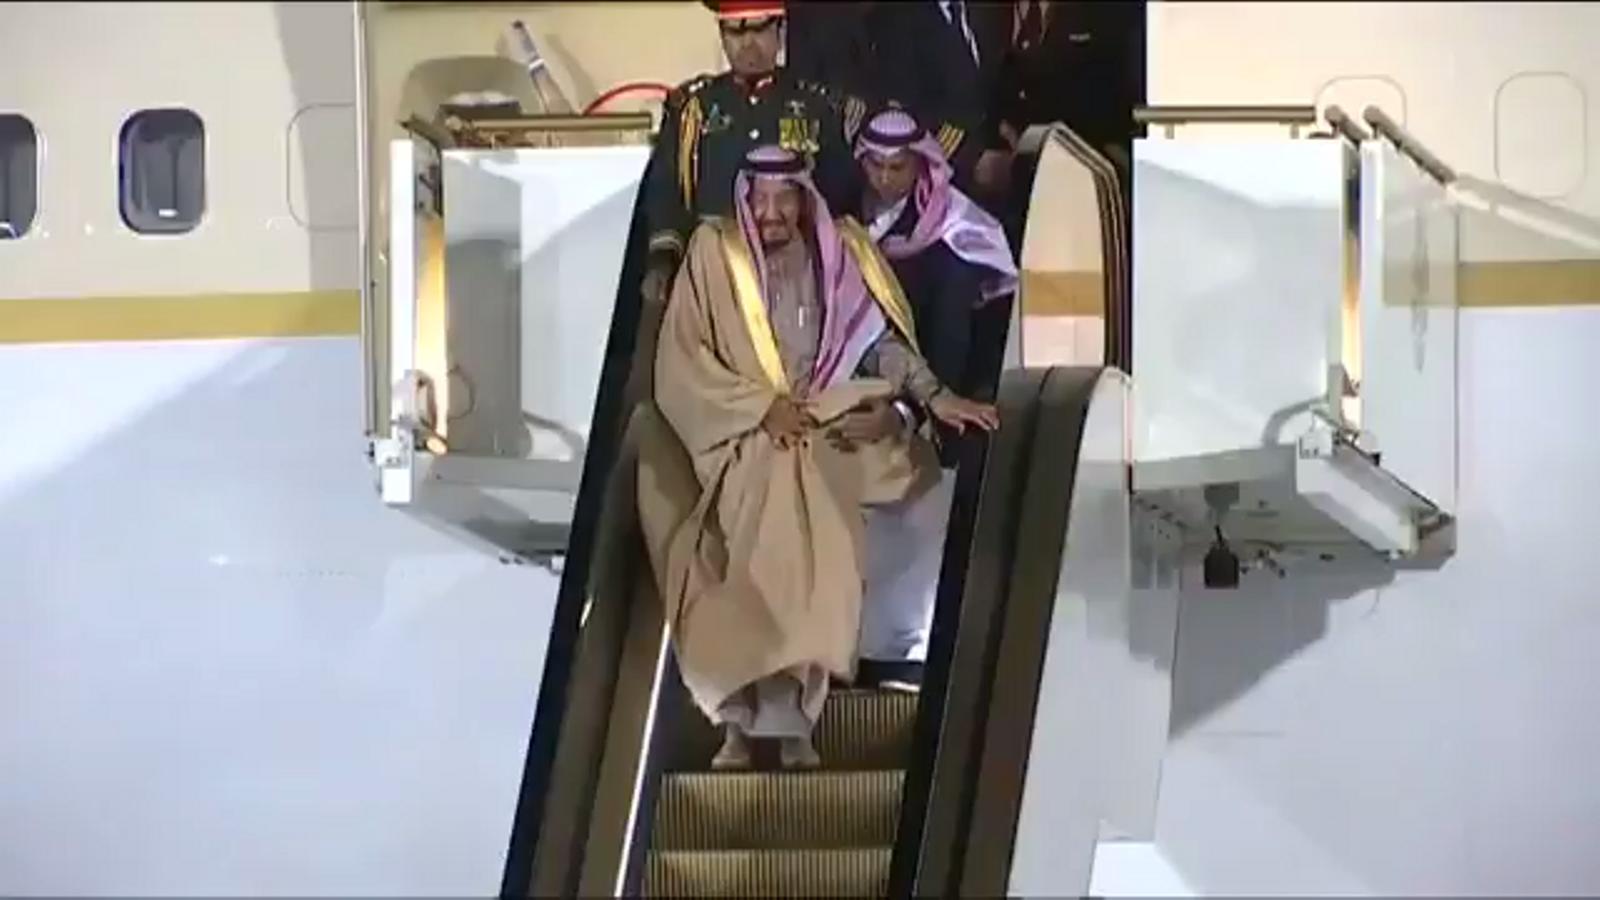 L'escala automàtica daurada del rei Salman va trencar-se pocs segons després de posar-se en marxa